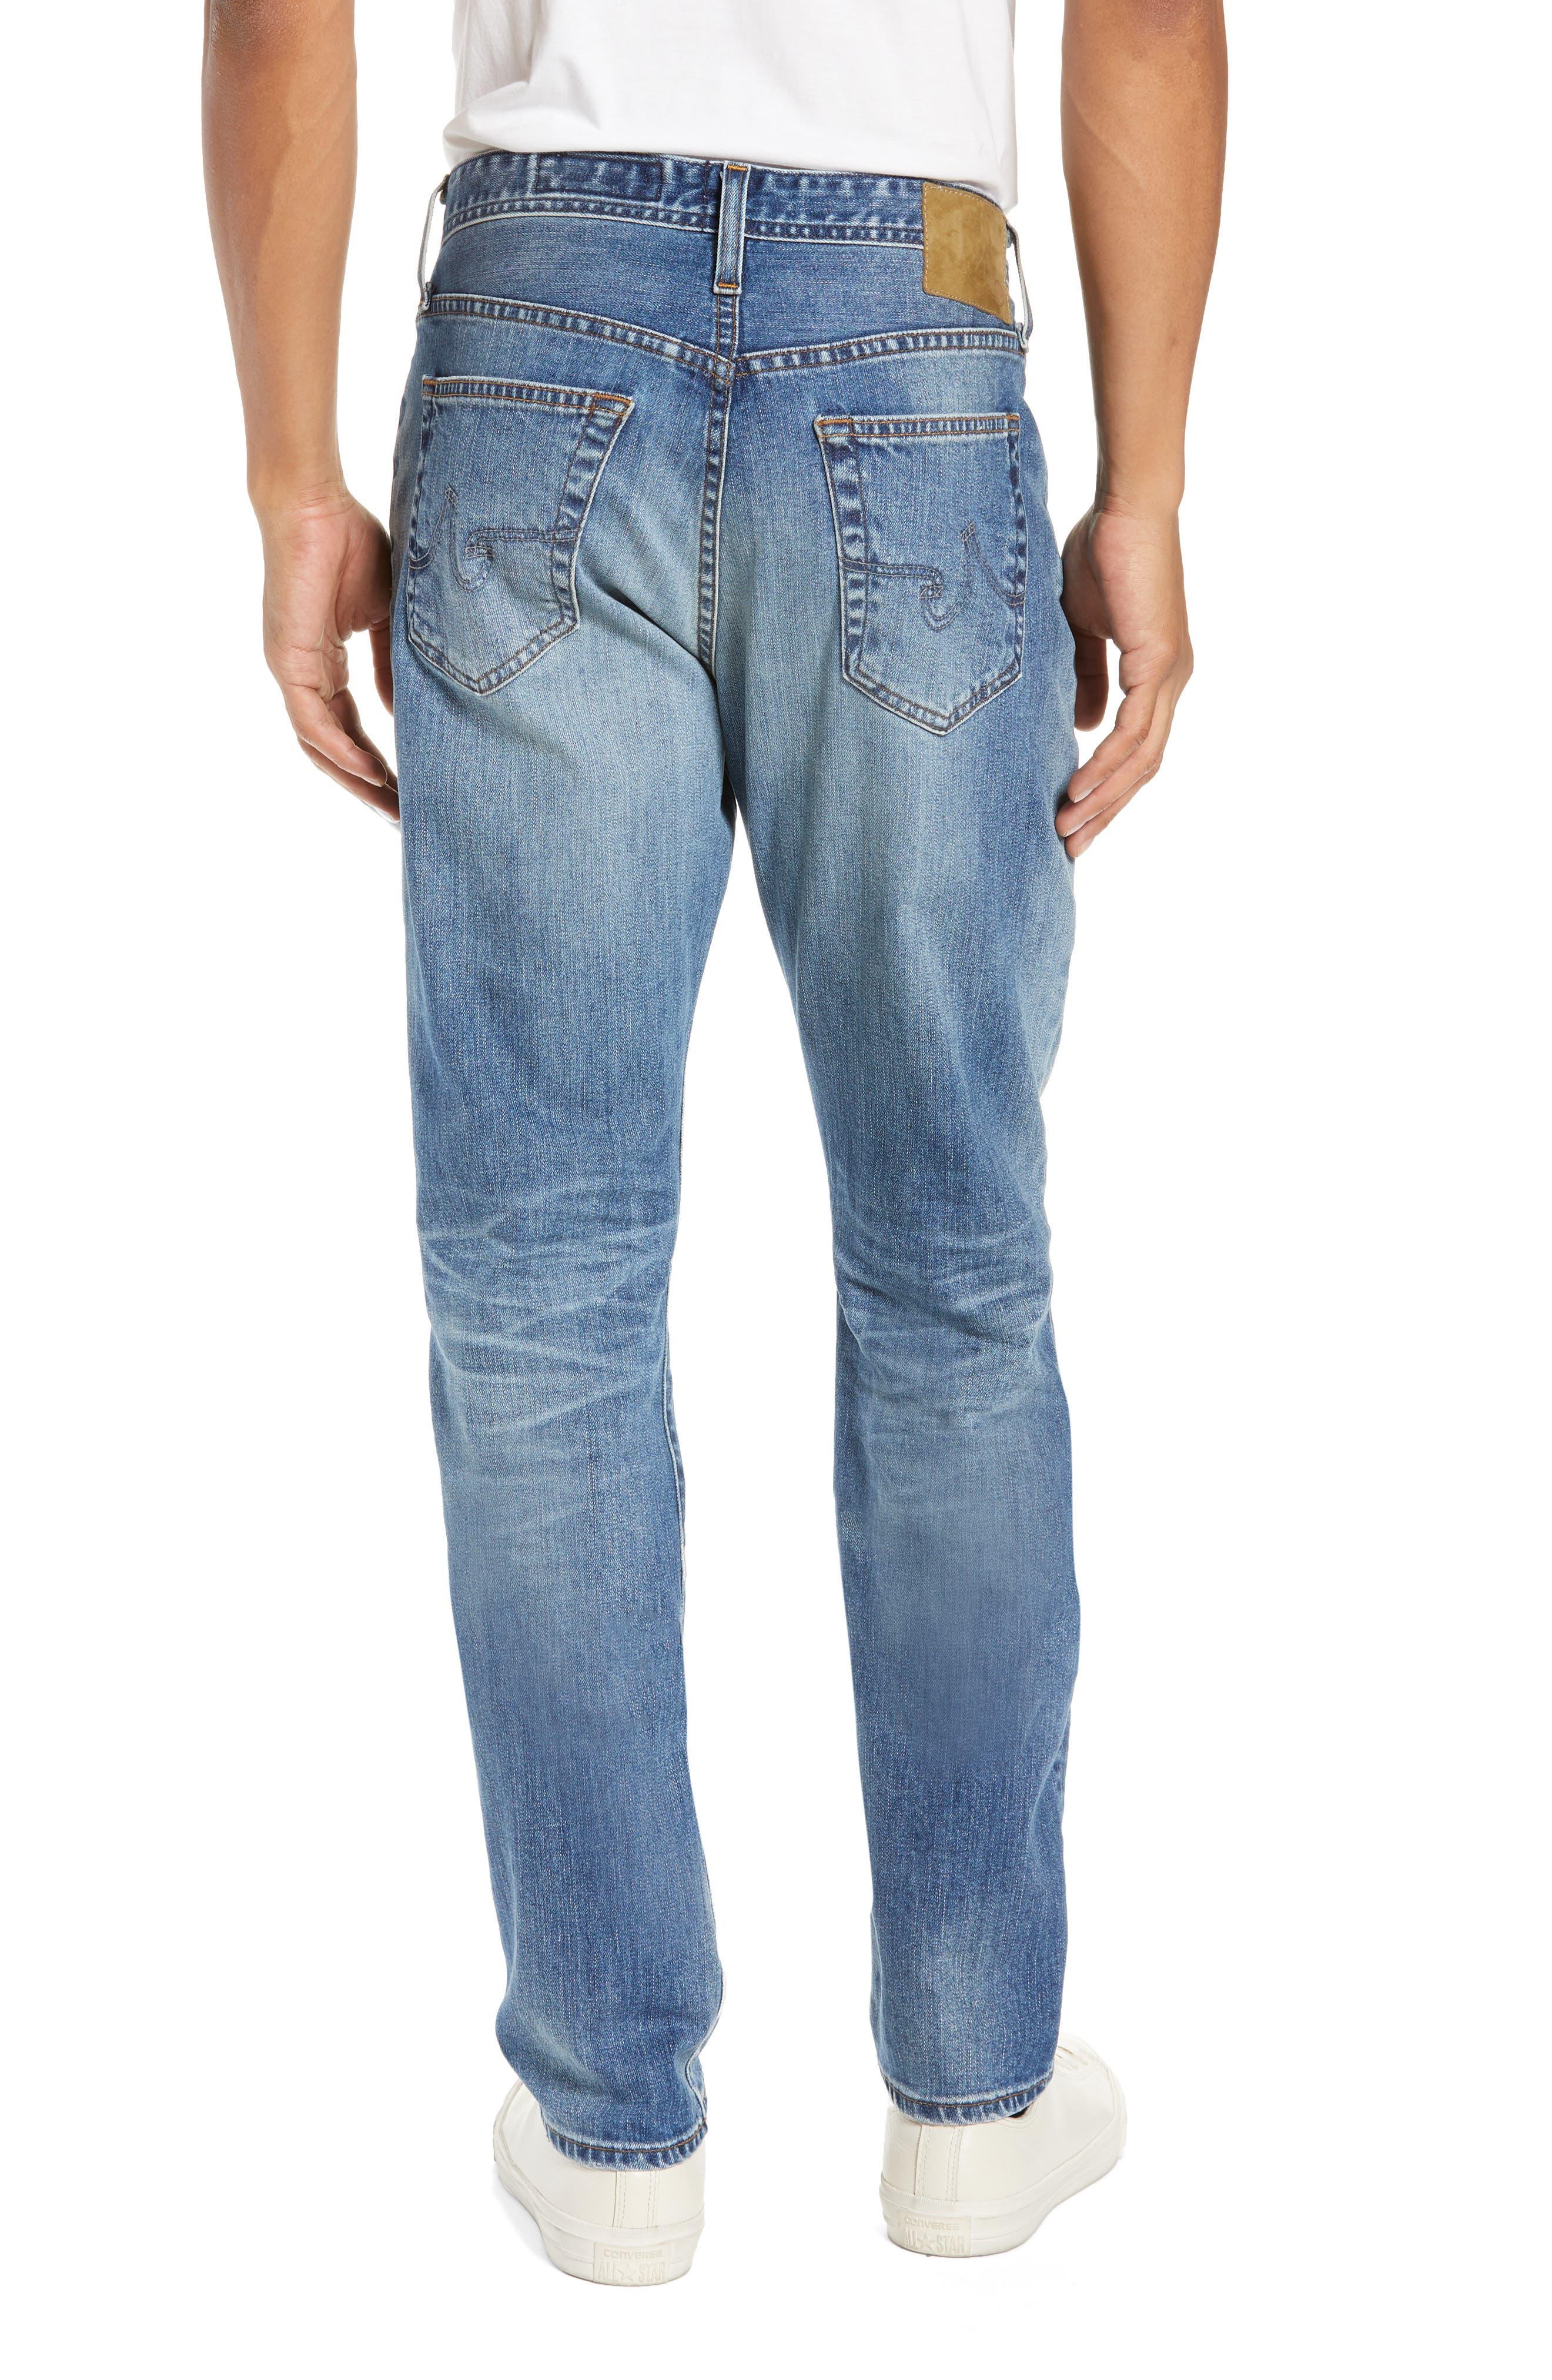 Everett Slim Straight Leg Jeans,                             Alternate thumbnail 2, color,                             21 YEARS SEIZE